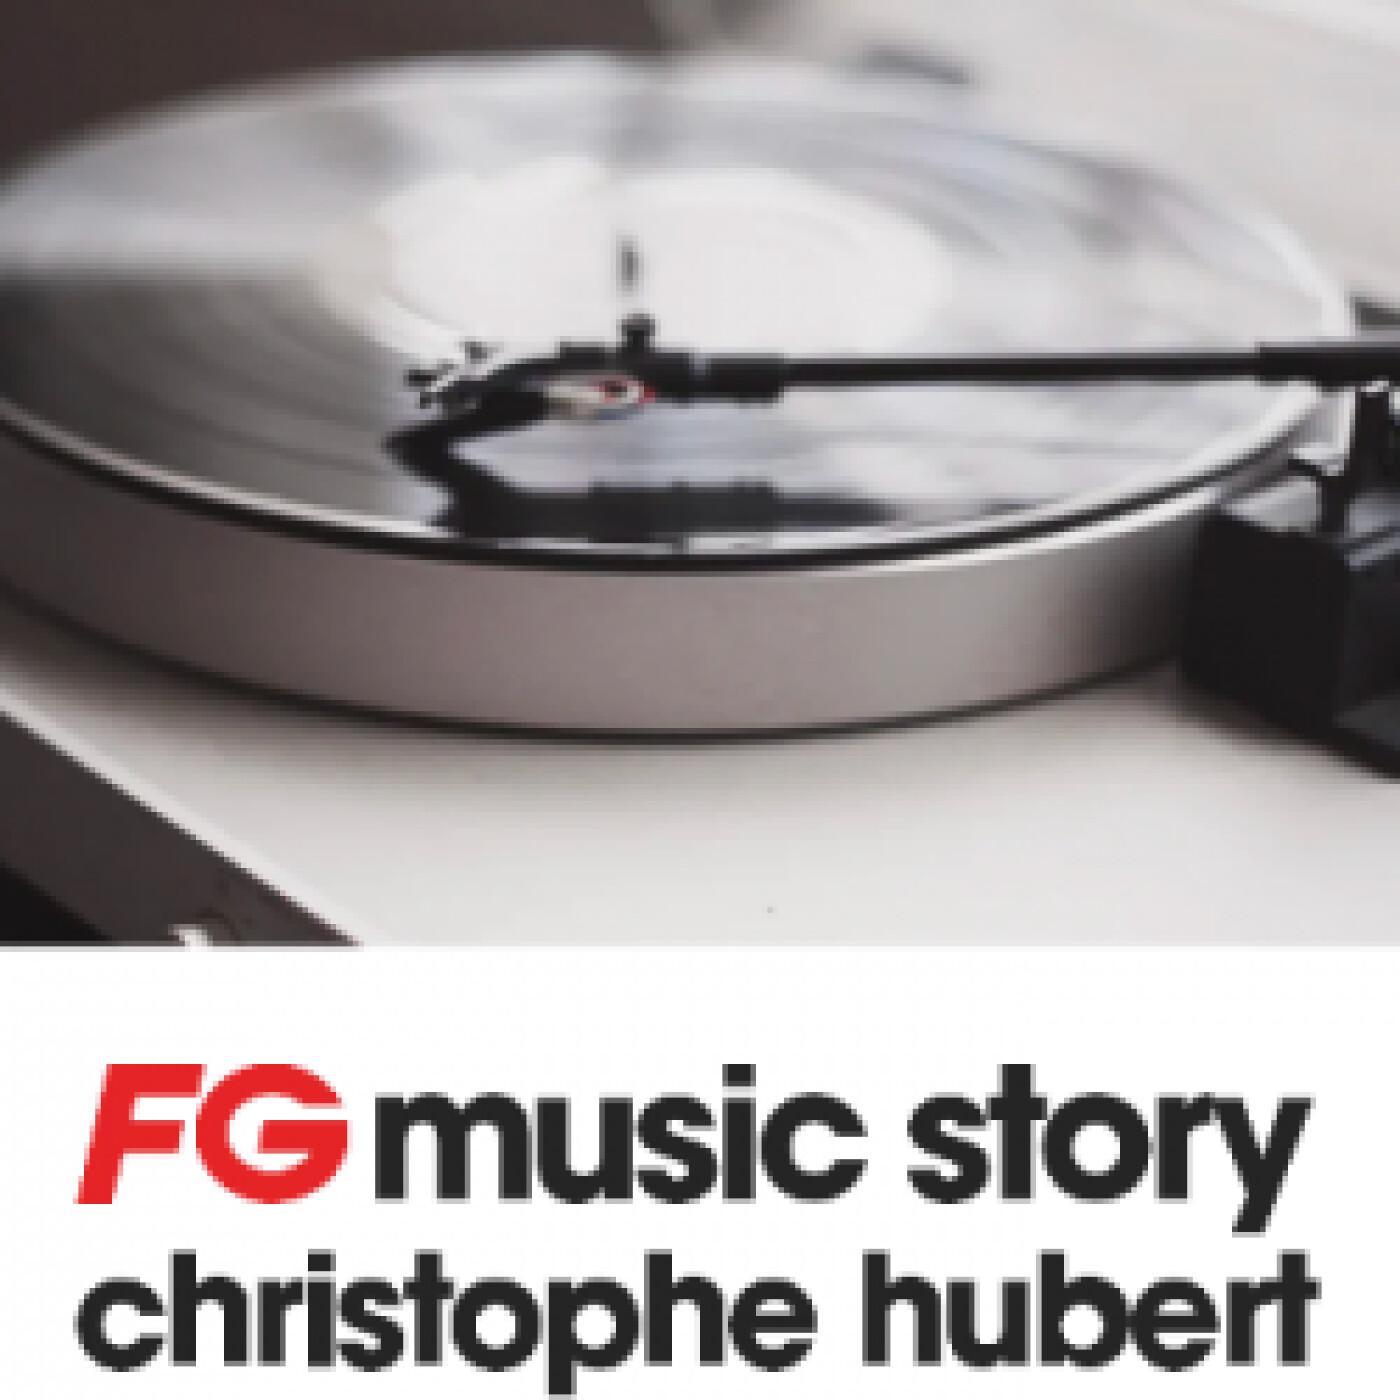 FG MUSIC STORY : LADY GAGA